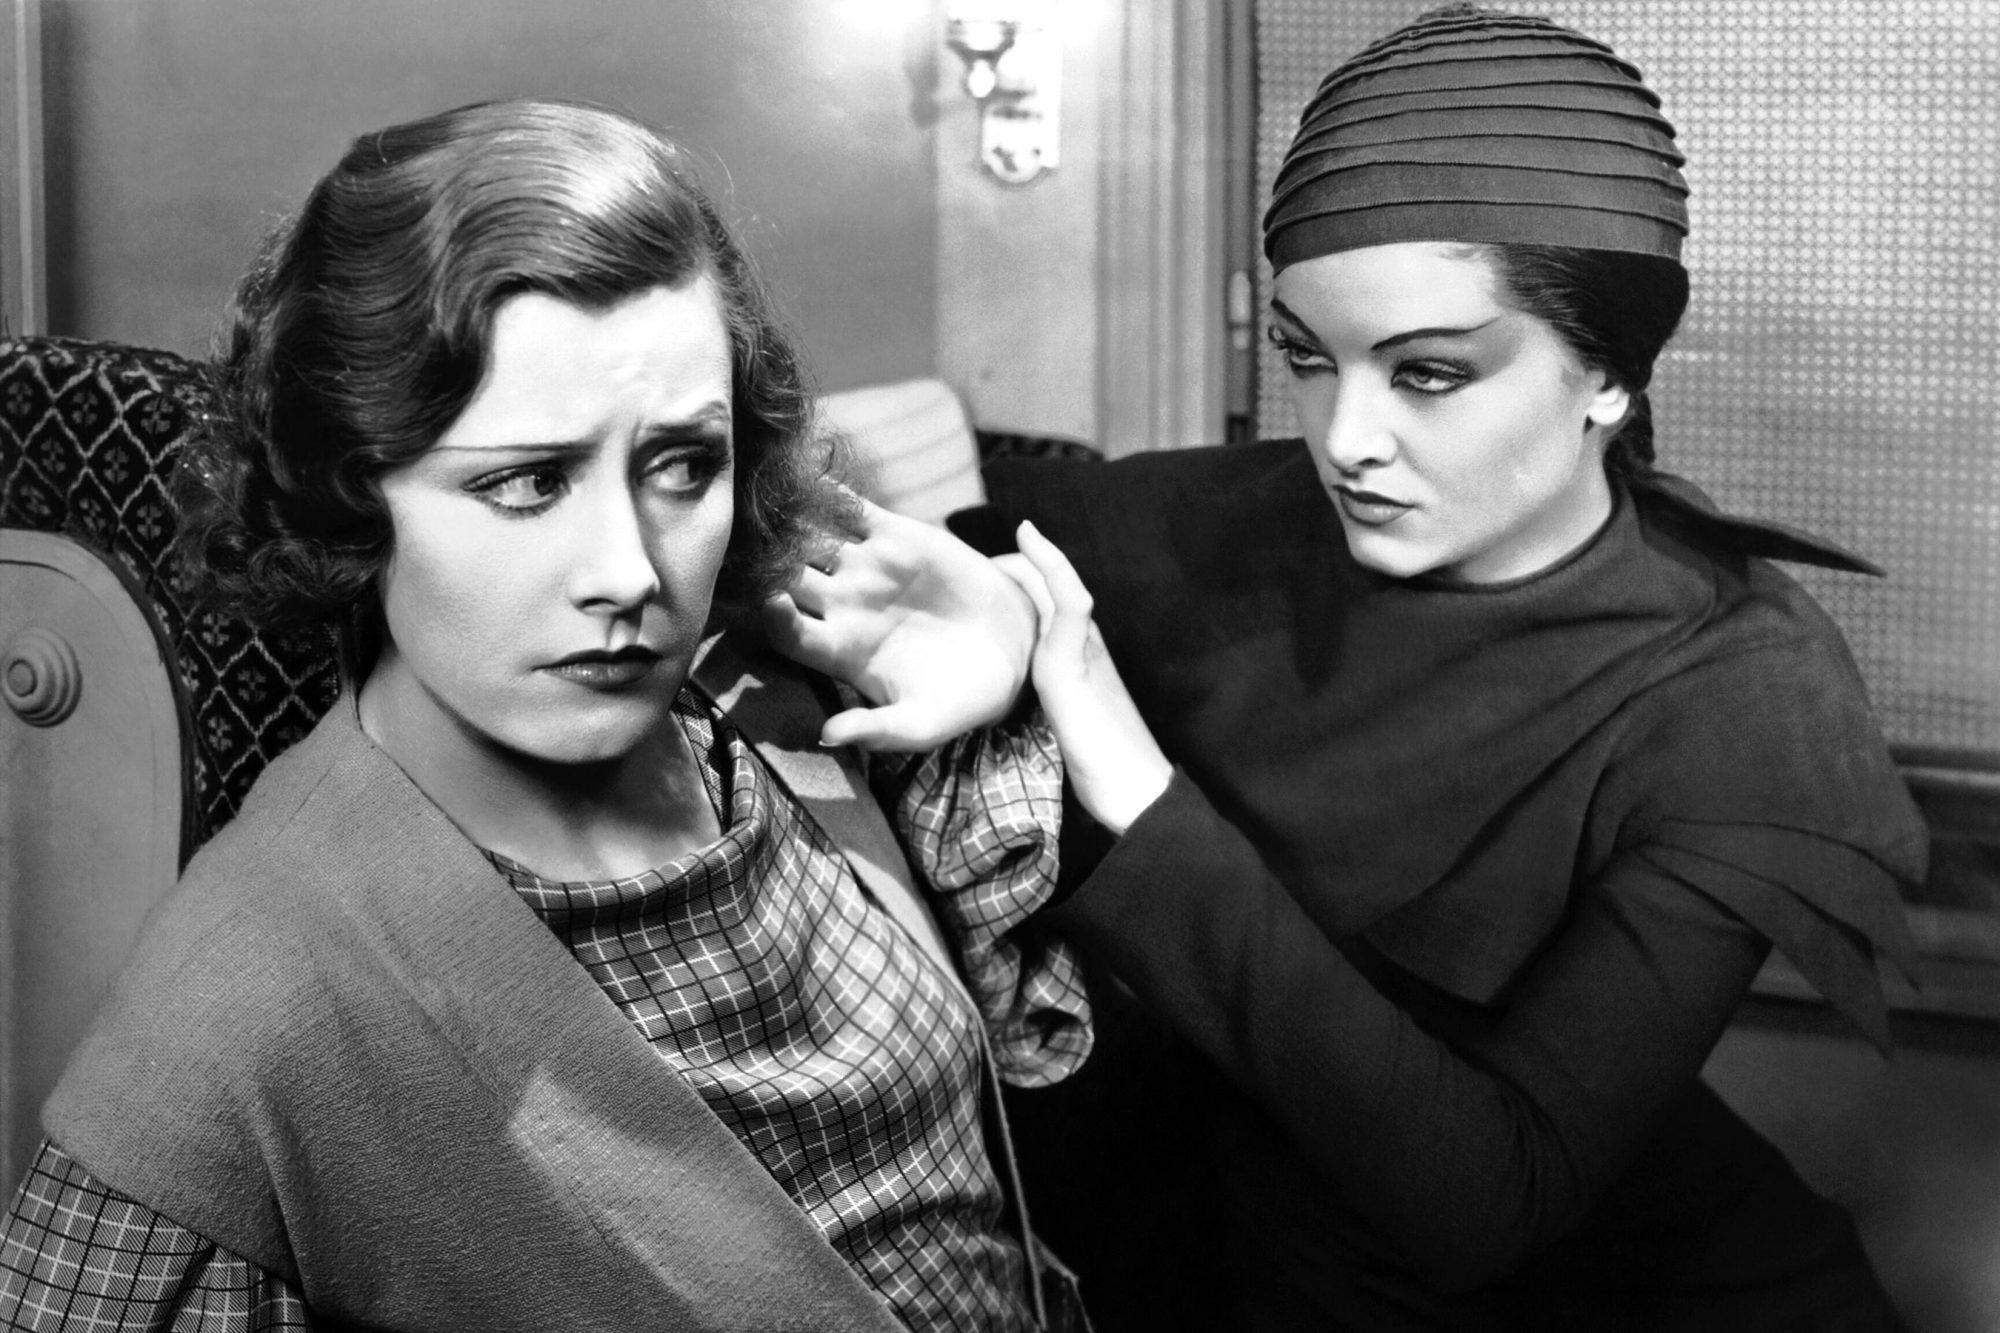 THIRTEEN WOMEN, Irene Dunne, Myrna Loy, 1932